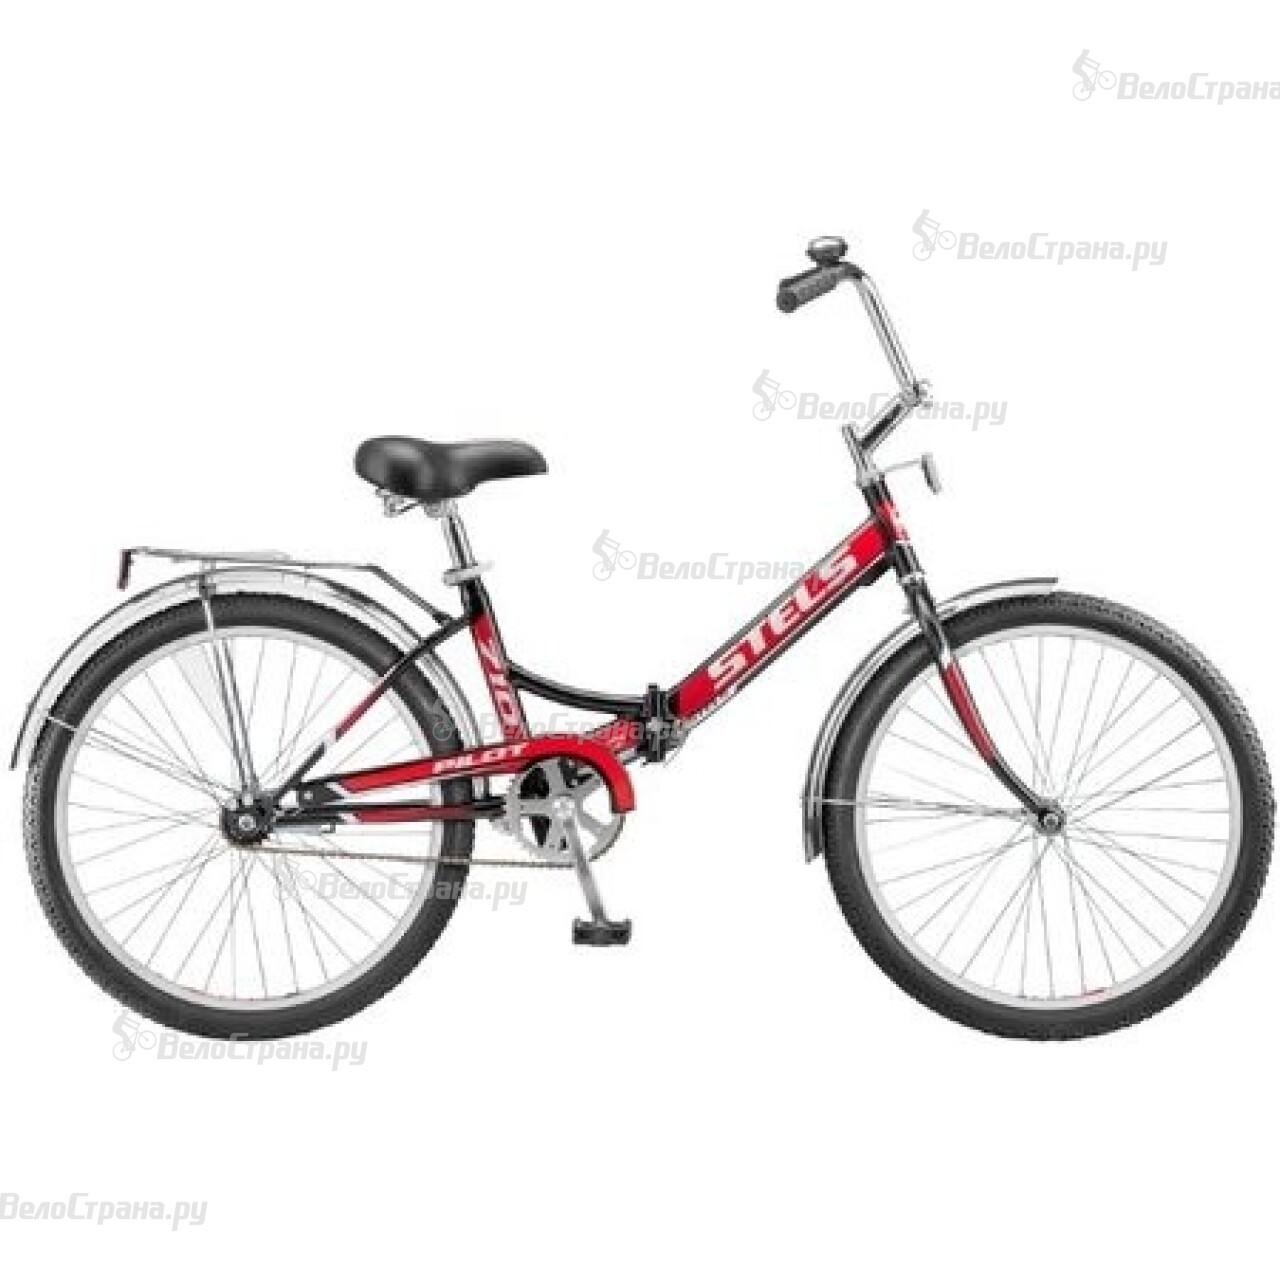 Велосипед Stels Pilot 710 (2015) велосипед stels pilot 240 girl 3sp 2015